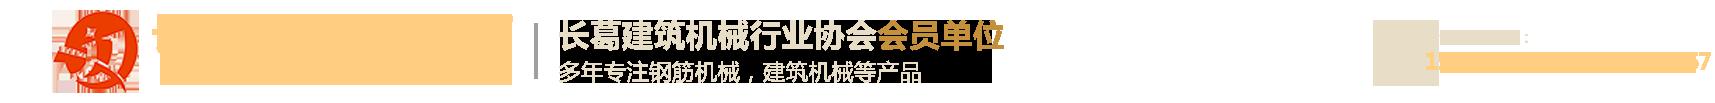 琼山市建豫辉机械厂